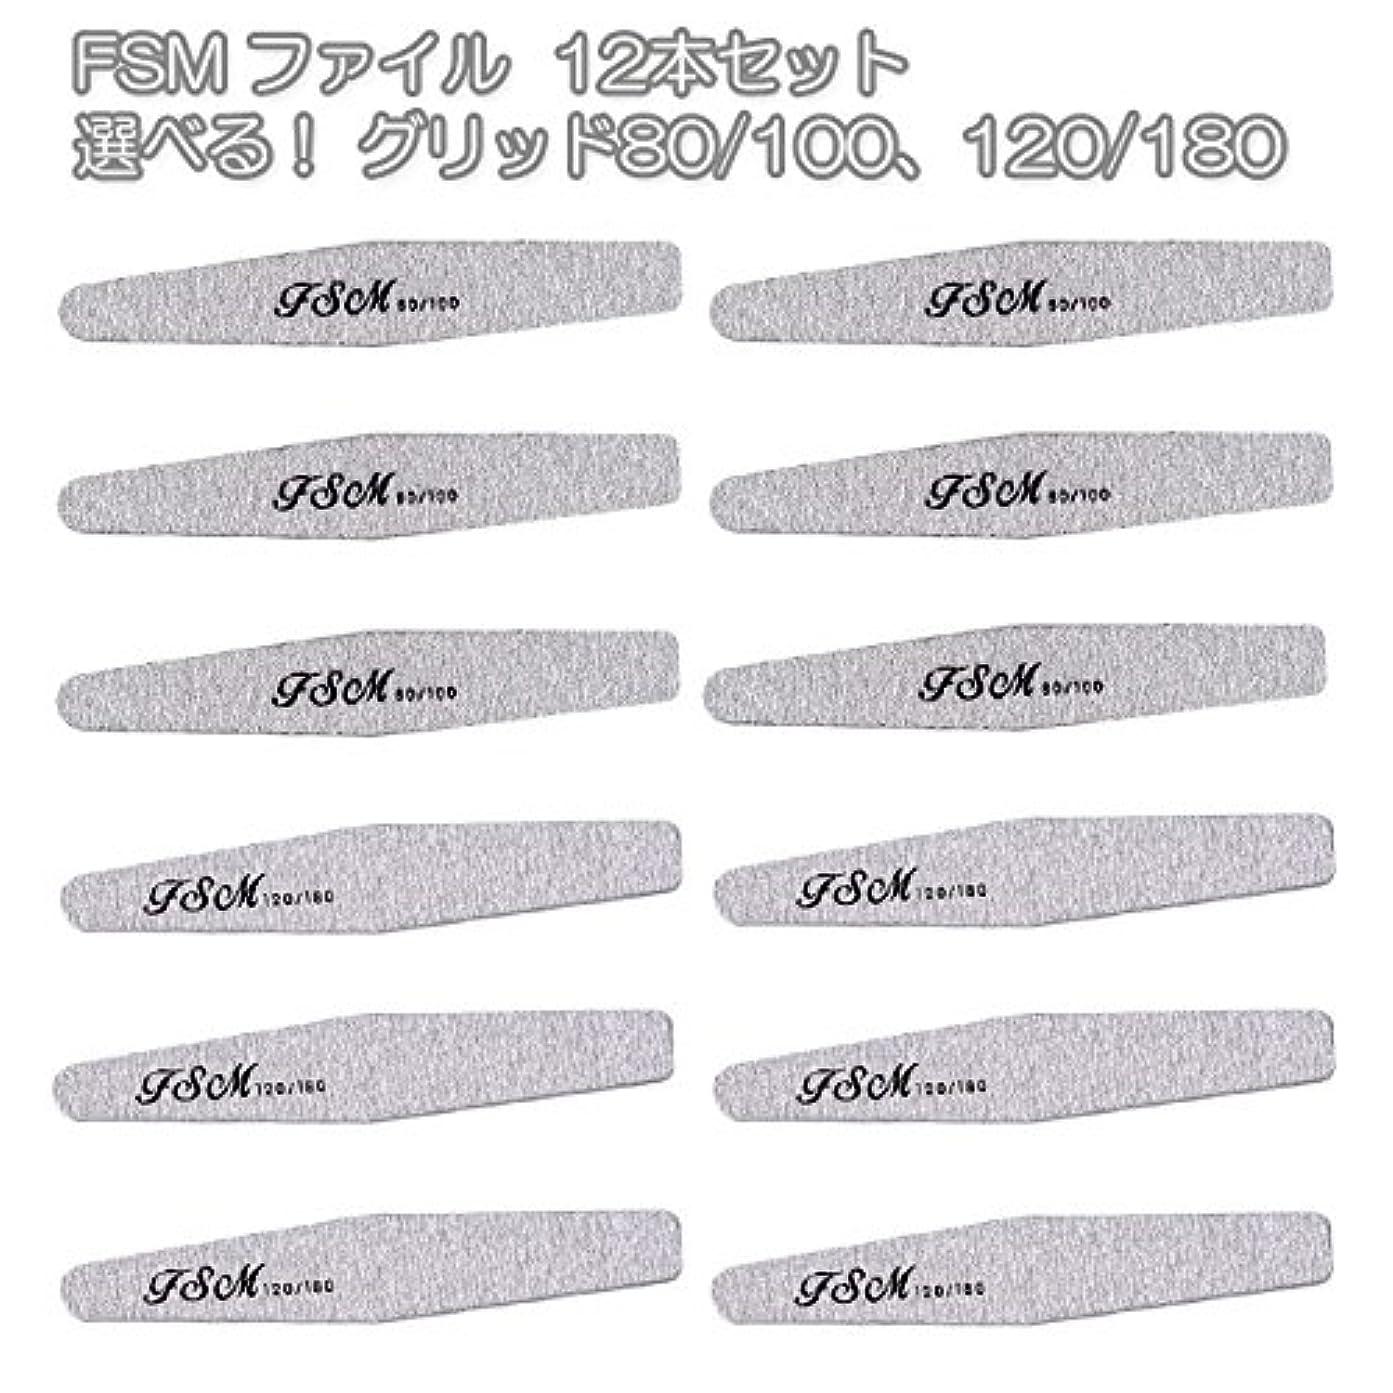 FSM ネイルファイル/バッファー12本セット(選べる!グリッド80/100、120/180) (G120/180の12本)